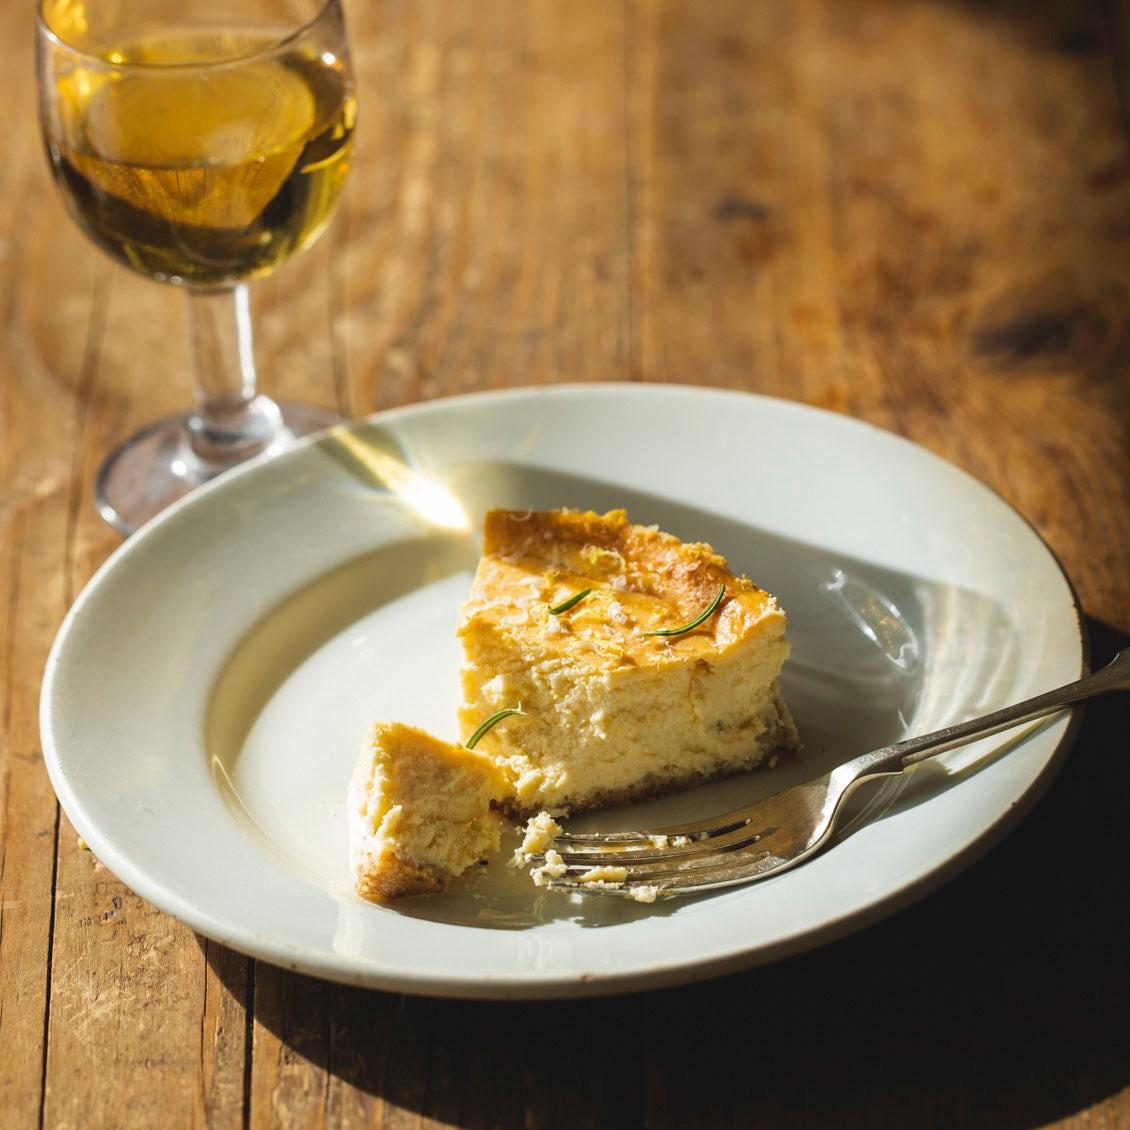 【大人のためのスイーツ】第3話:チーズ好きにおすすめ。甘さと塩気がほどよい「チーズケーキ」